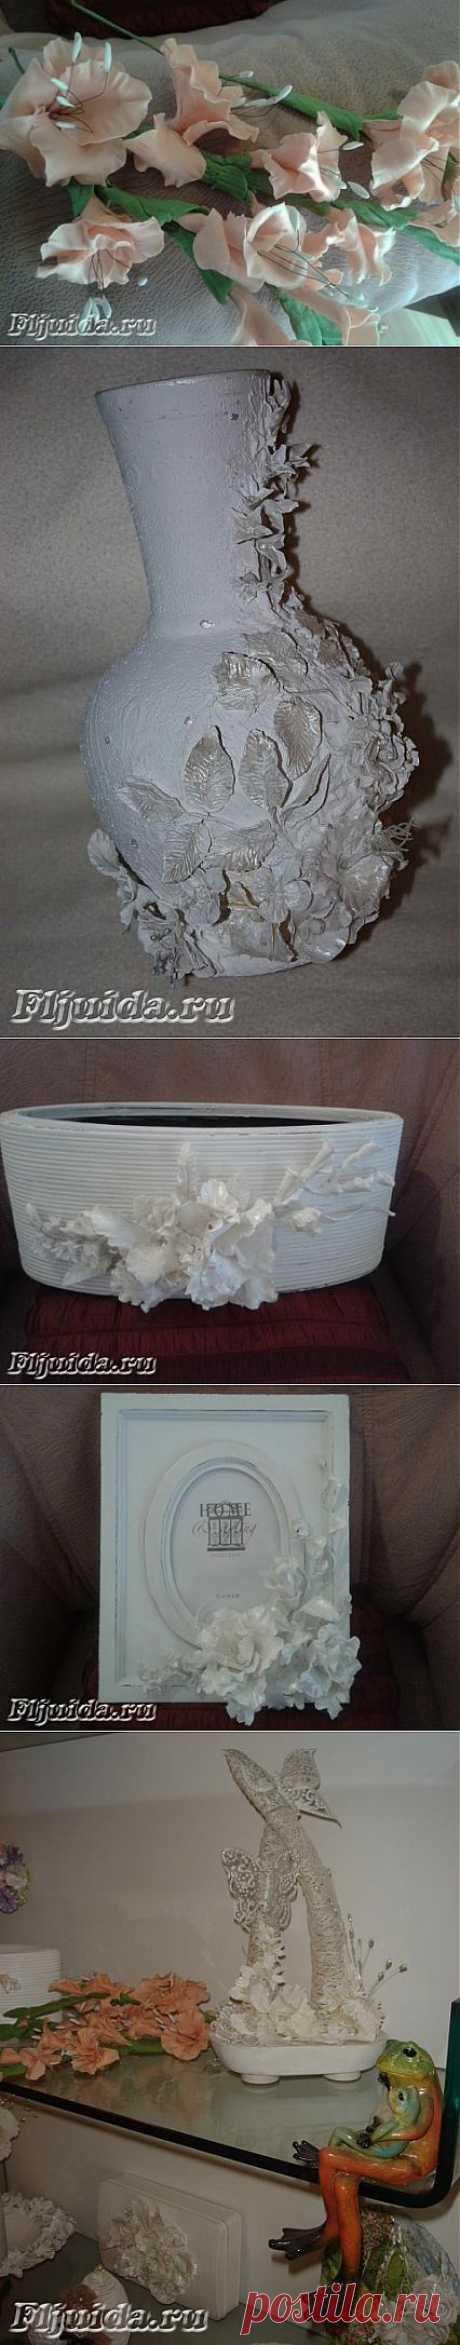 Декор предметов холодным фарфором.   Подружки